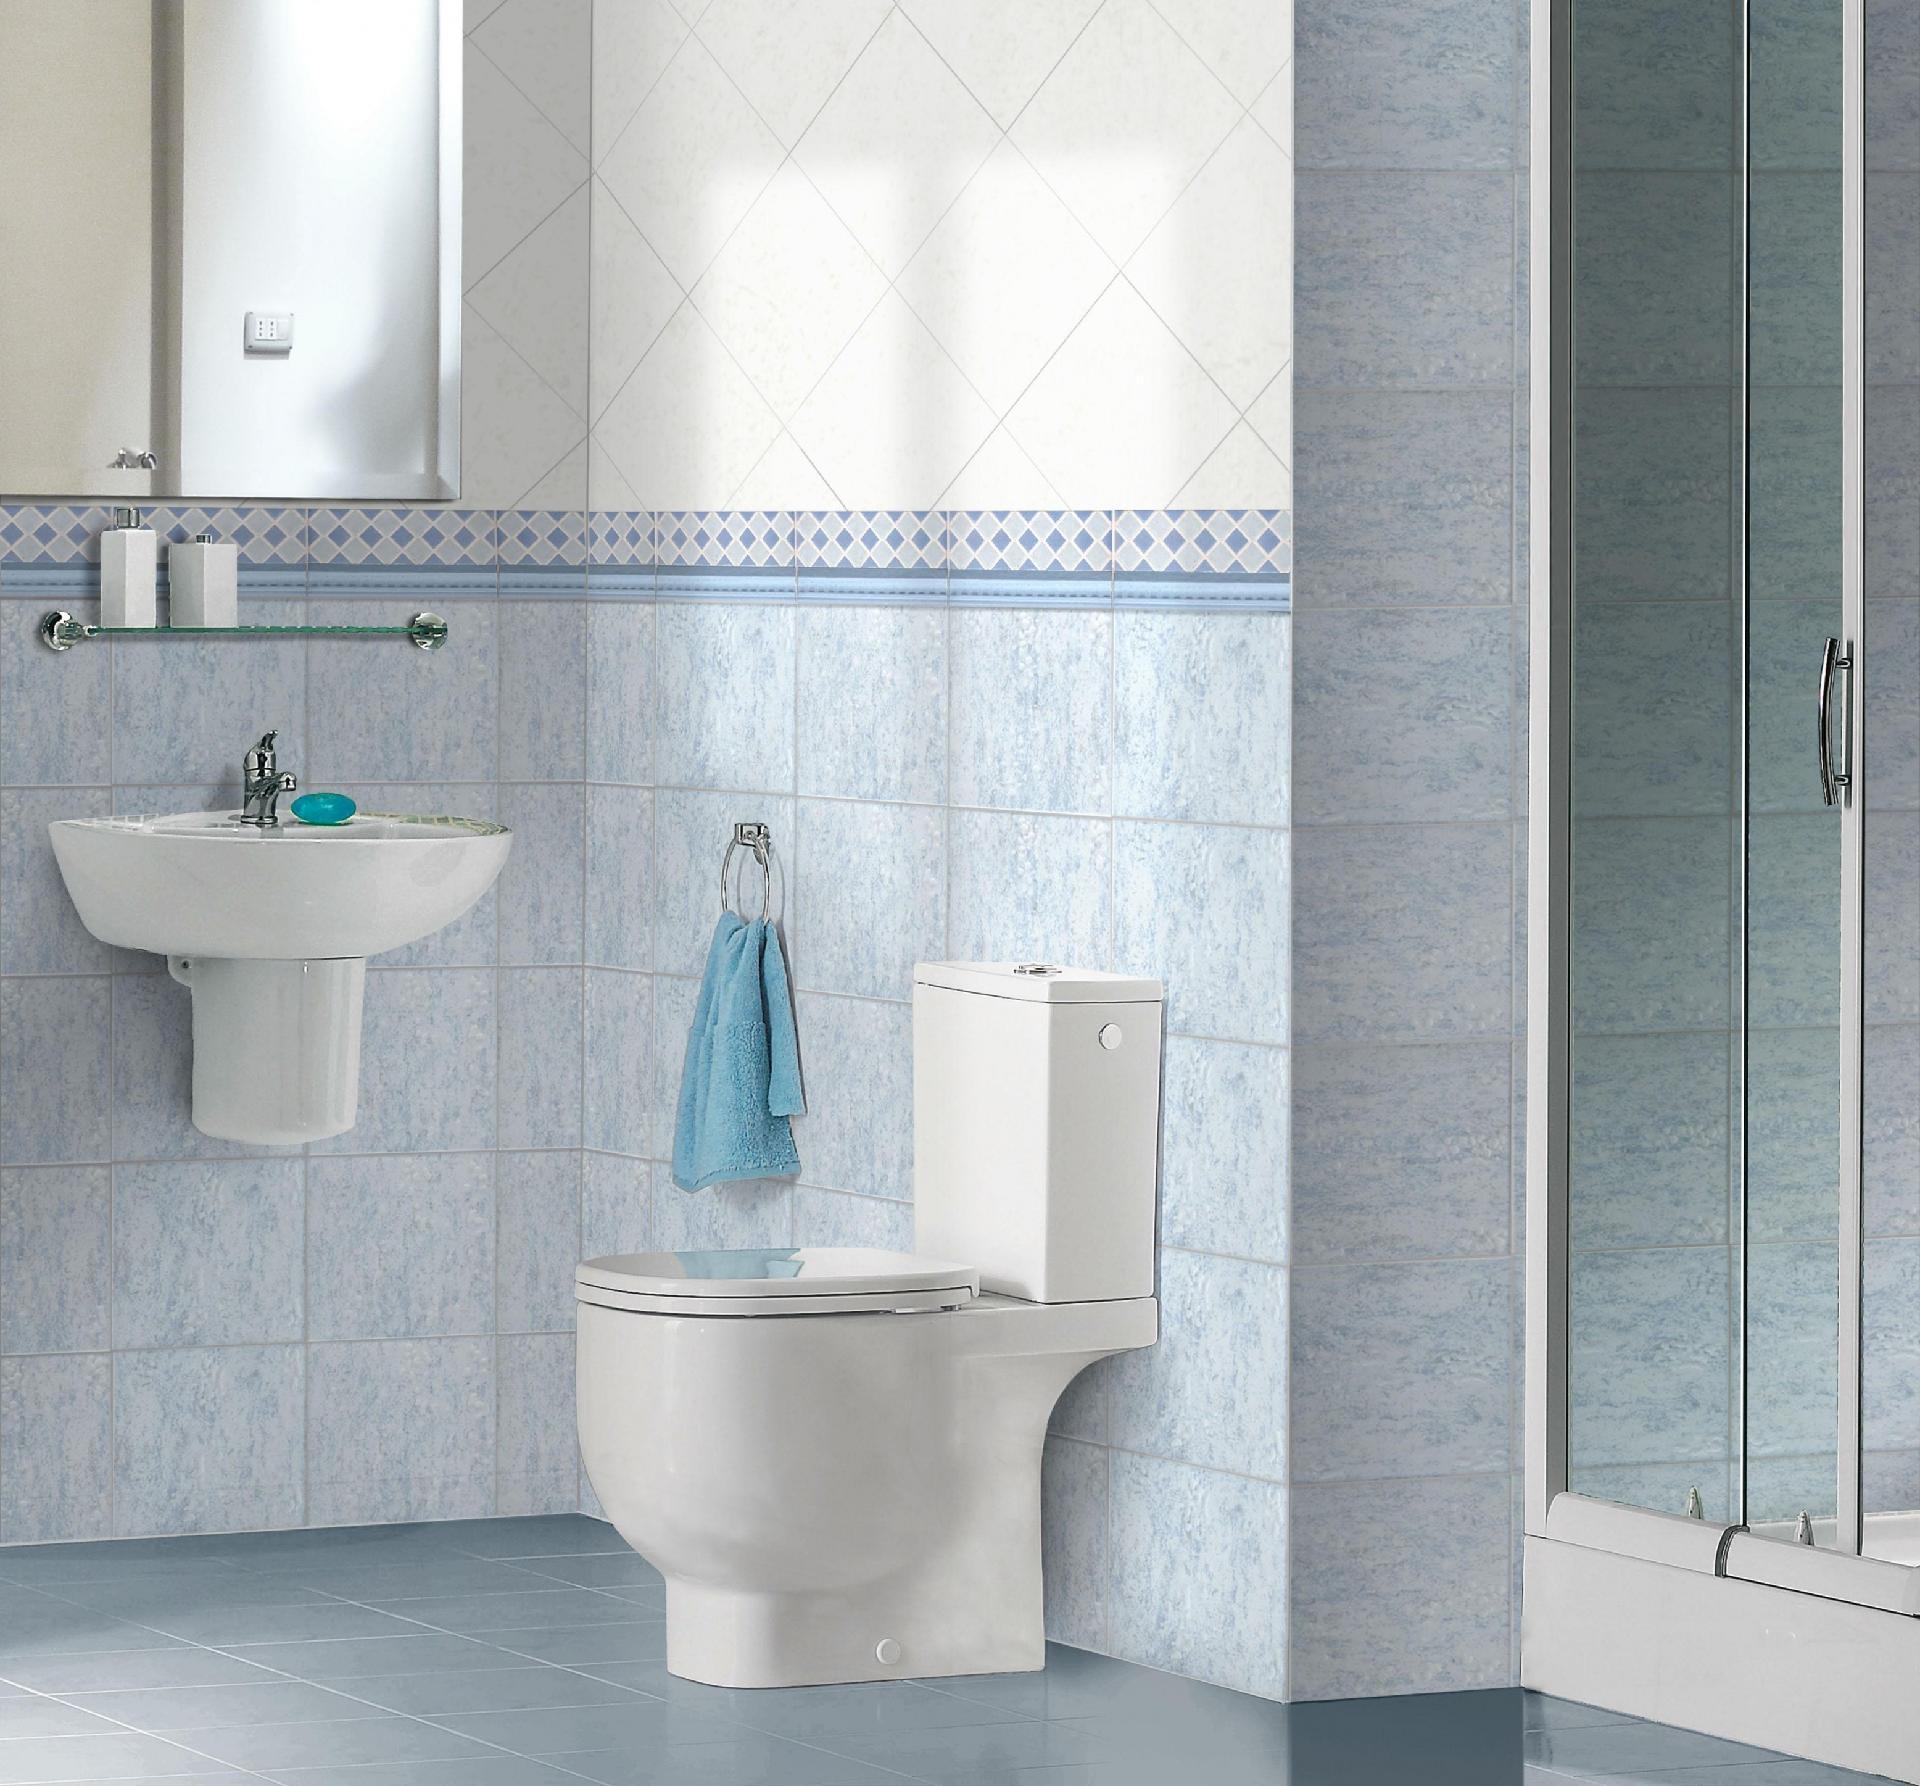 Offerta bagno completo 990.00 Euro - Catania